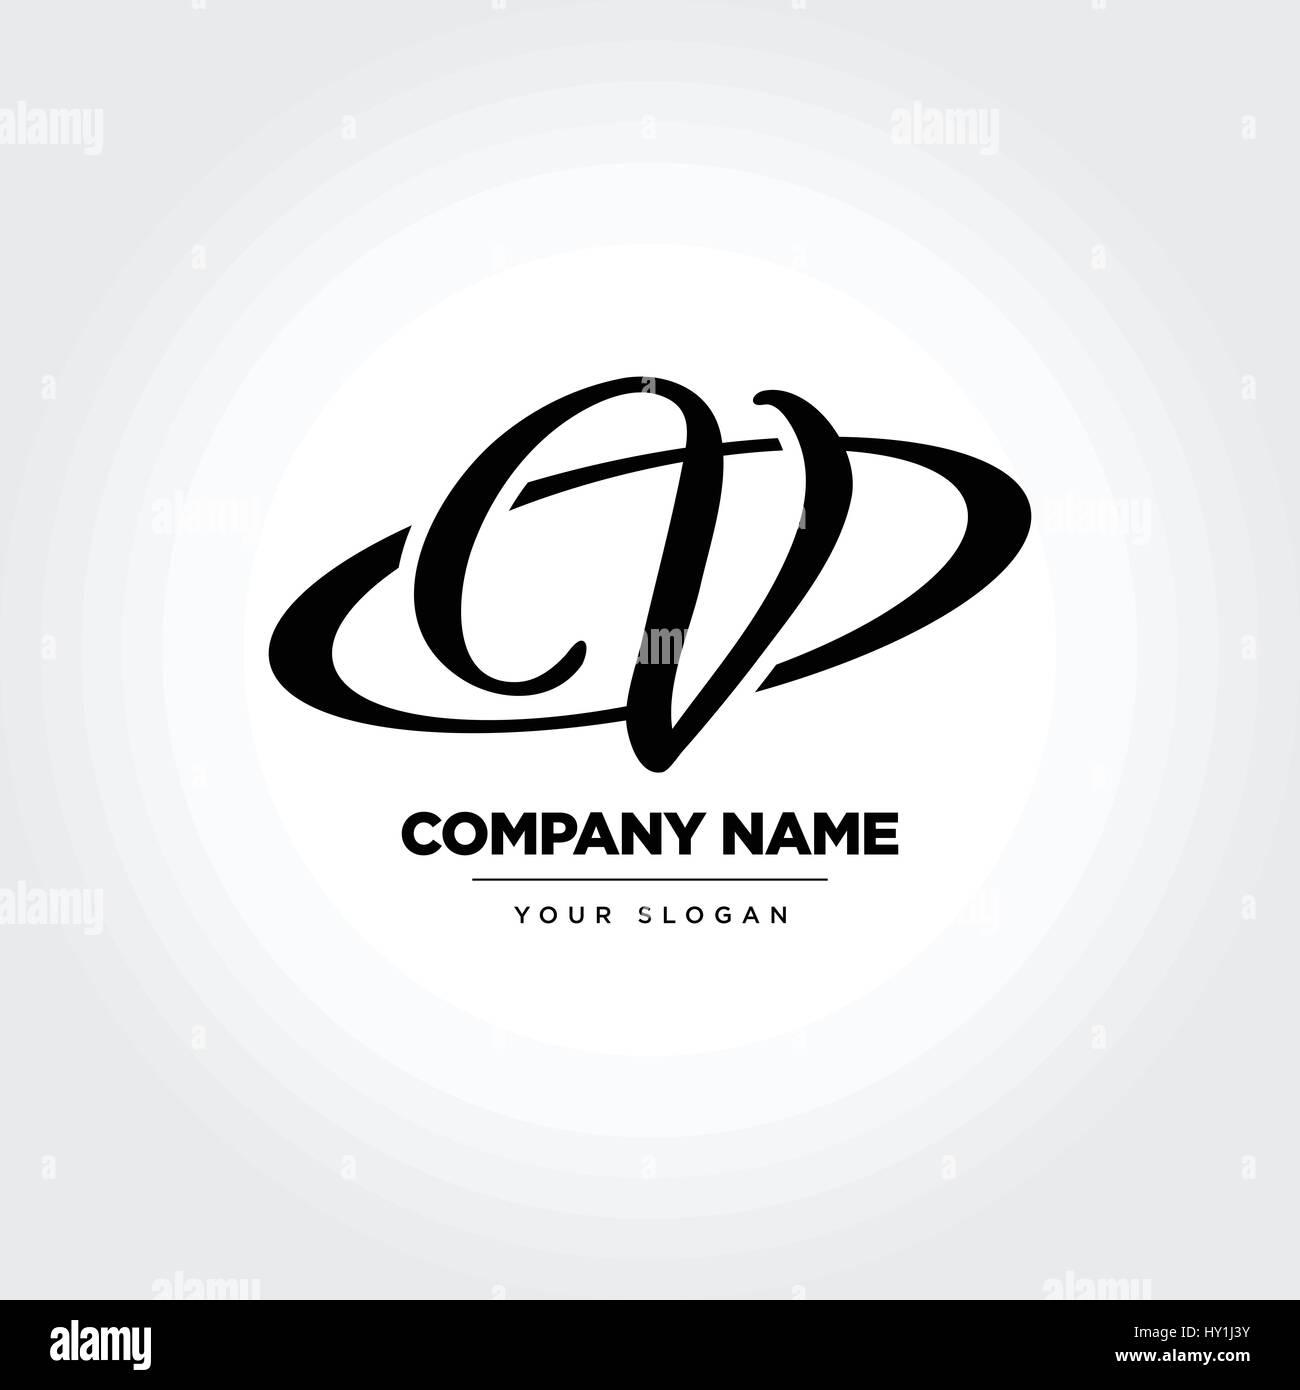 Letter v initial symbol design stock vector art illustration letter v initial symbol design buycottarizona Images